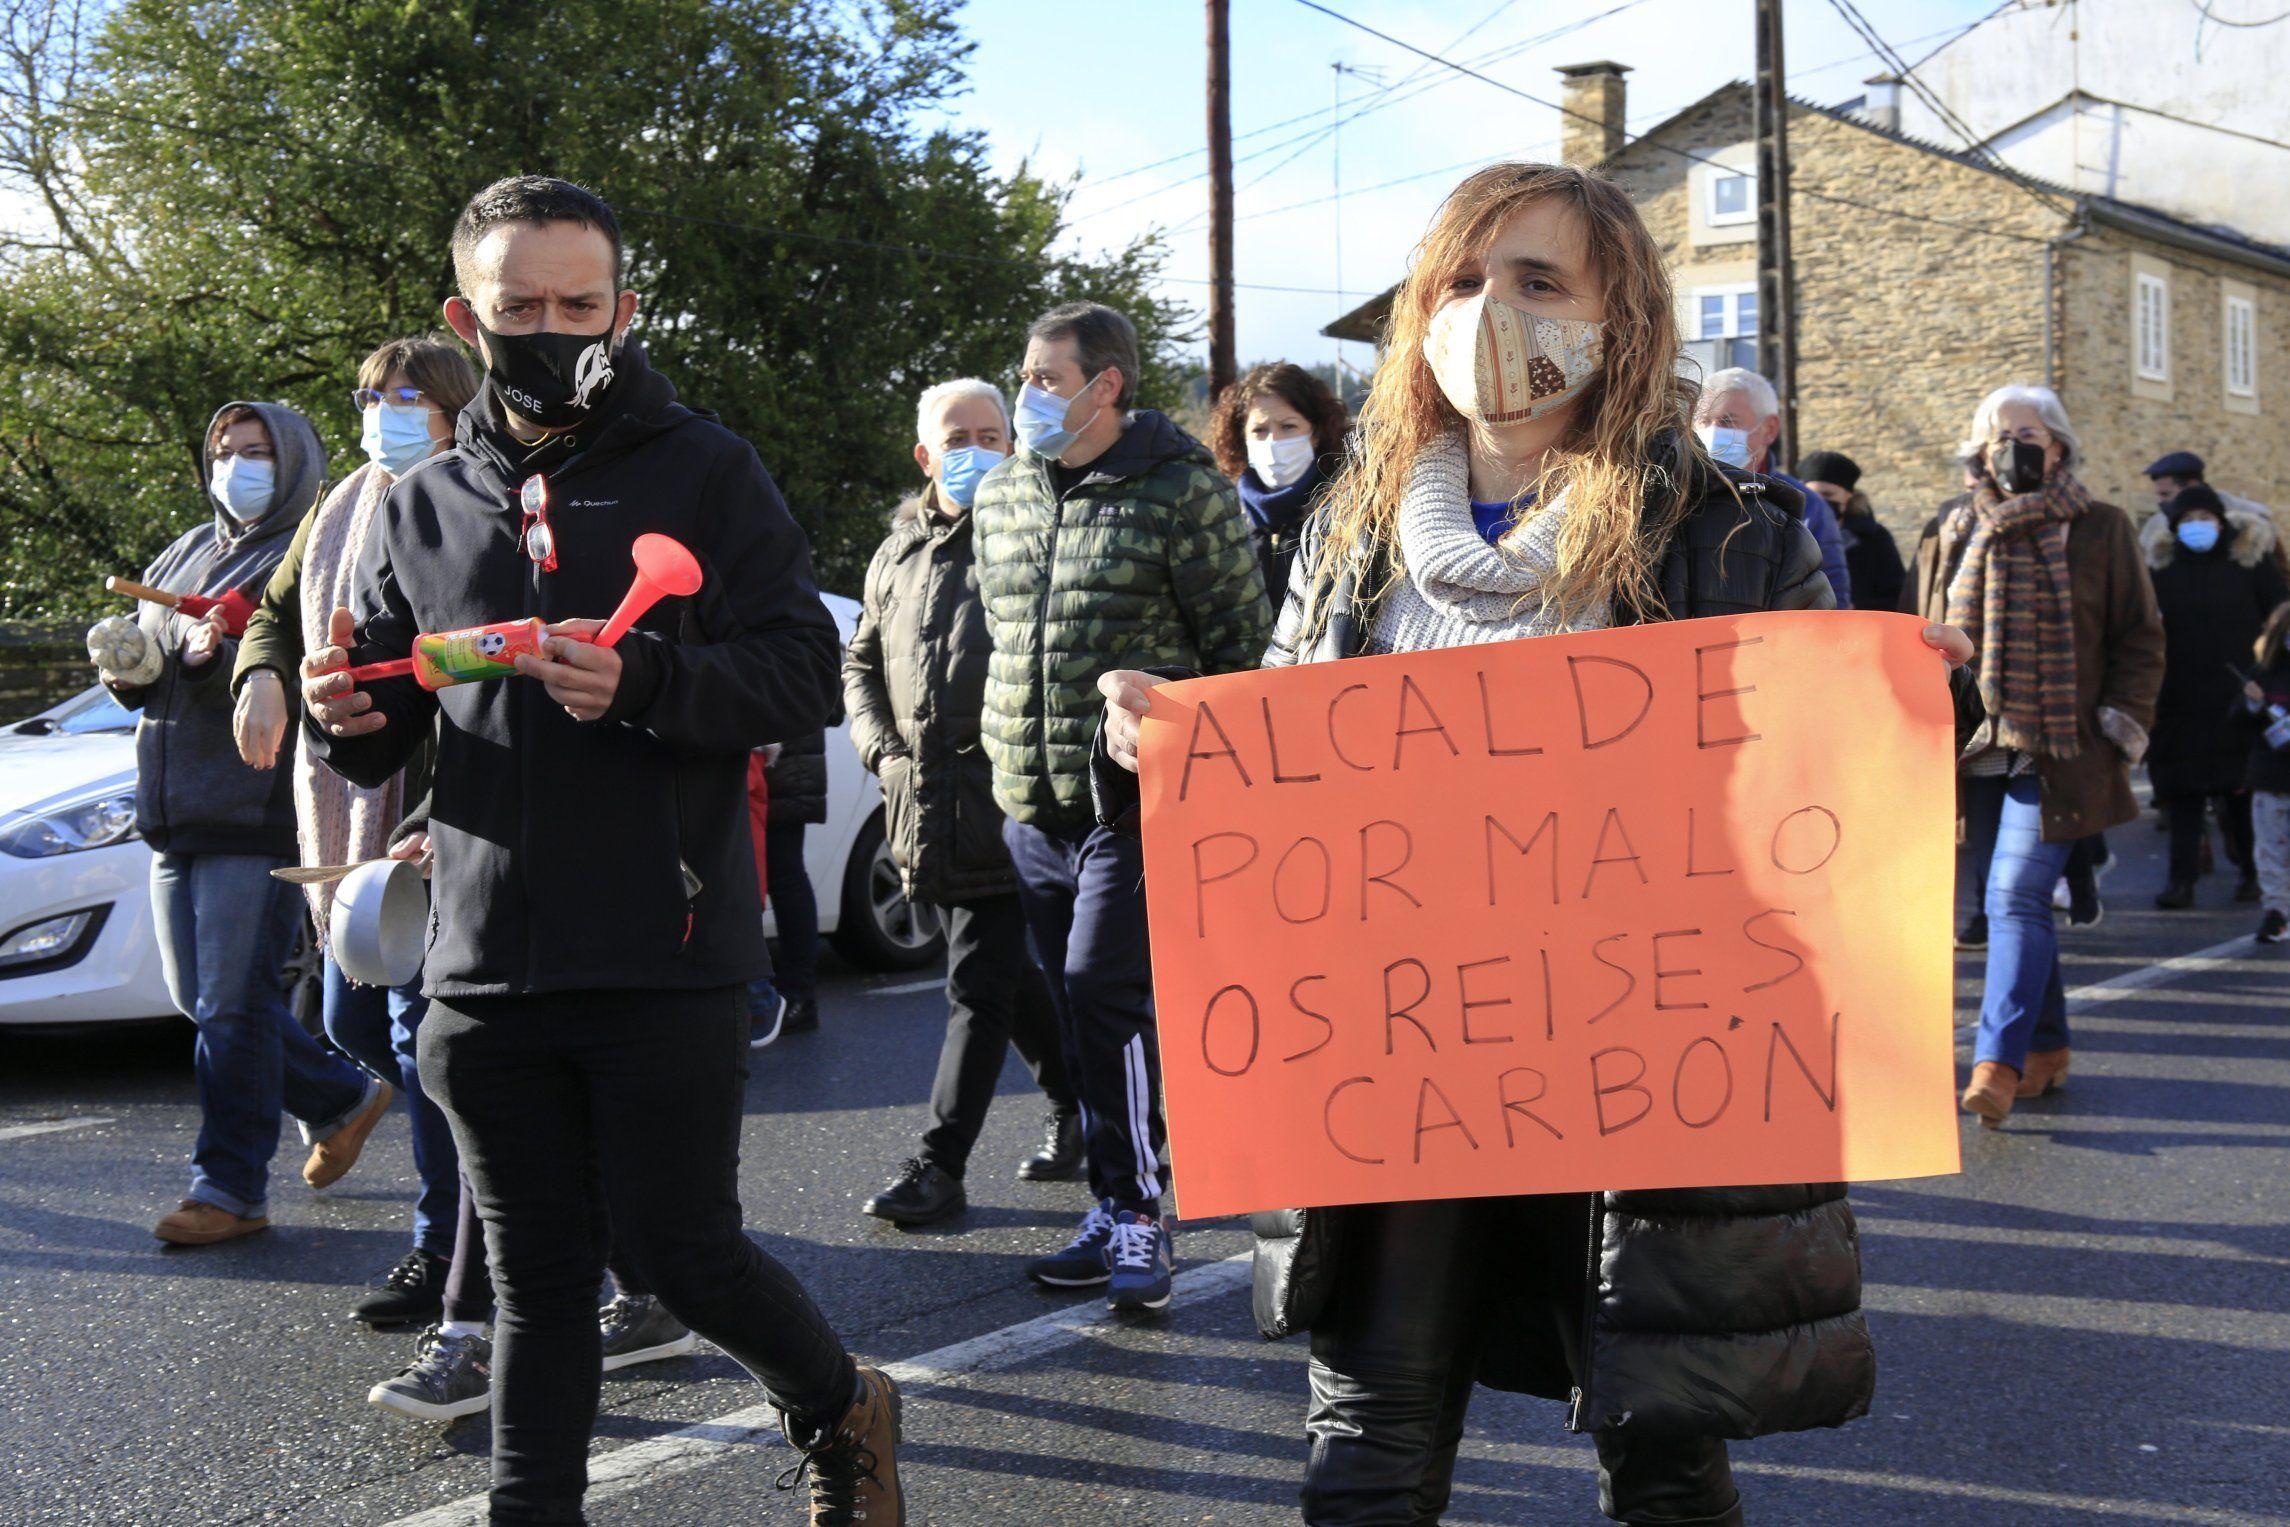 En Baamonde se han sucedido las protestas en los últimos meses, como señal de rechazo al cierre del colegio